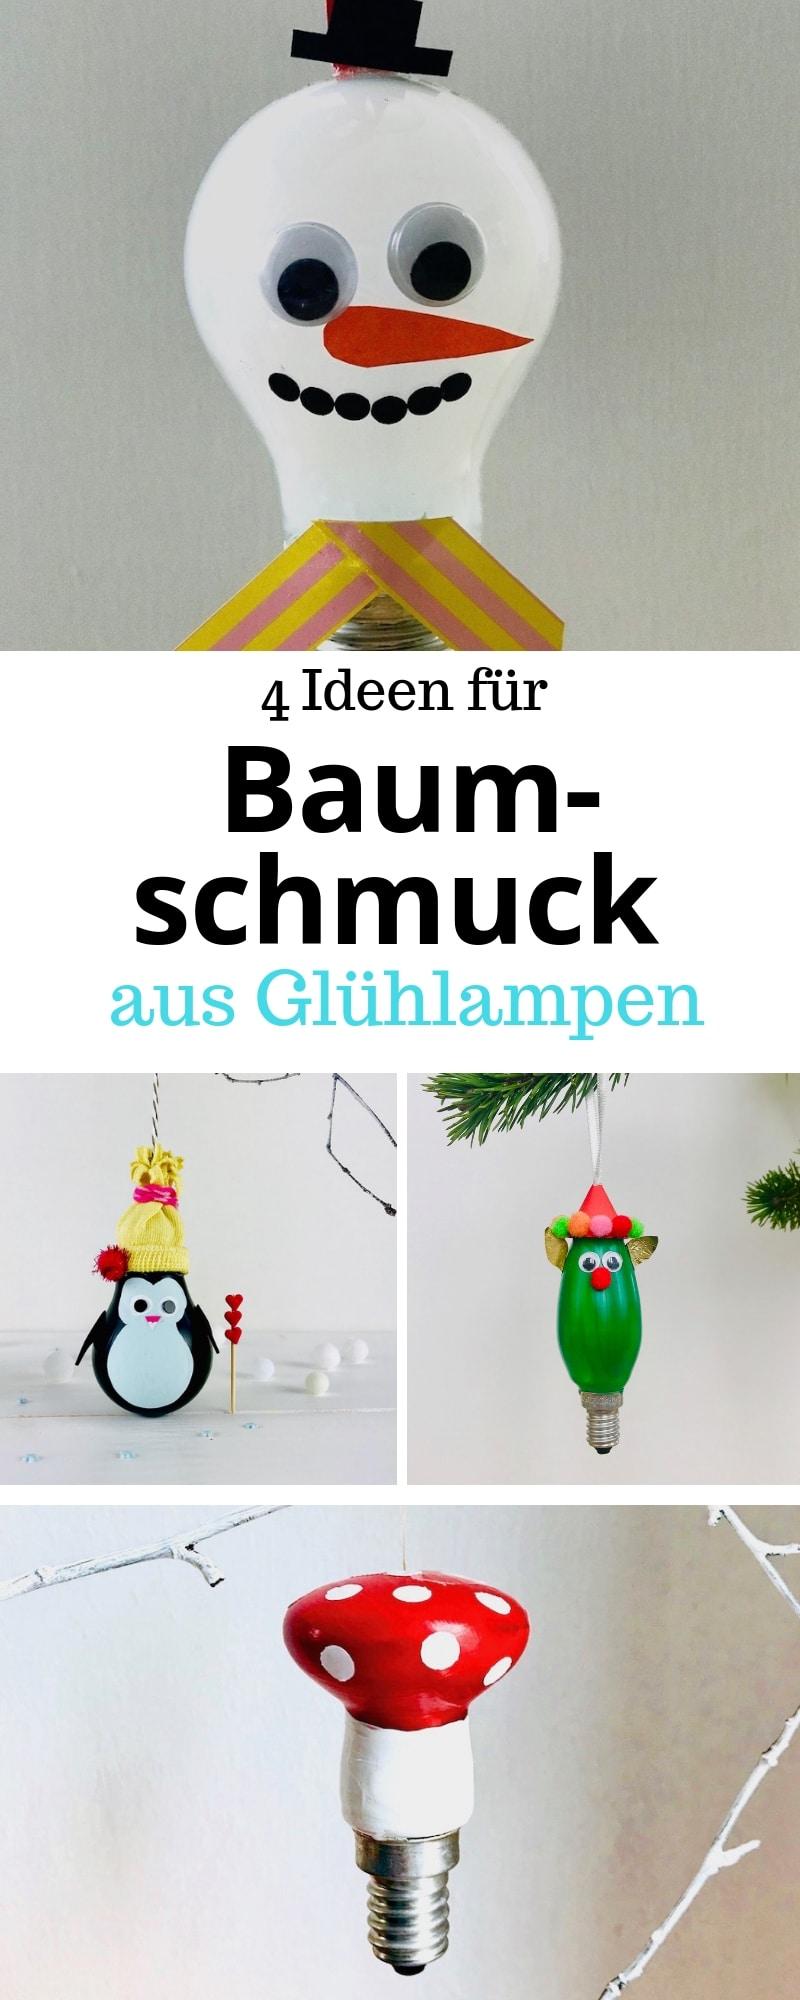 DIY Weihnachtsschmuck, Gluehlampen, basteln, Upcycling